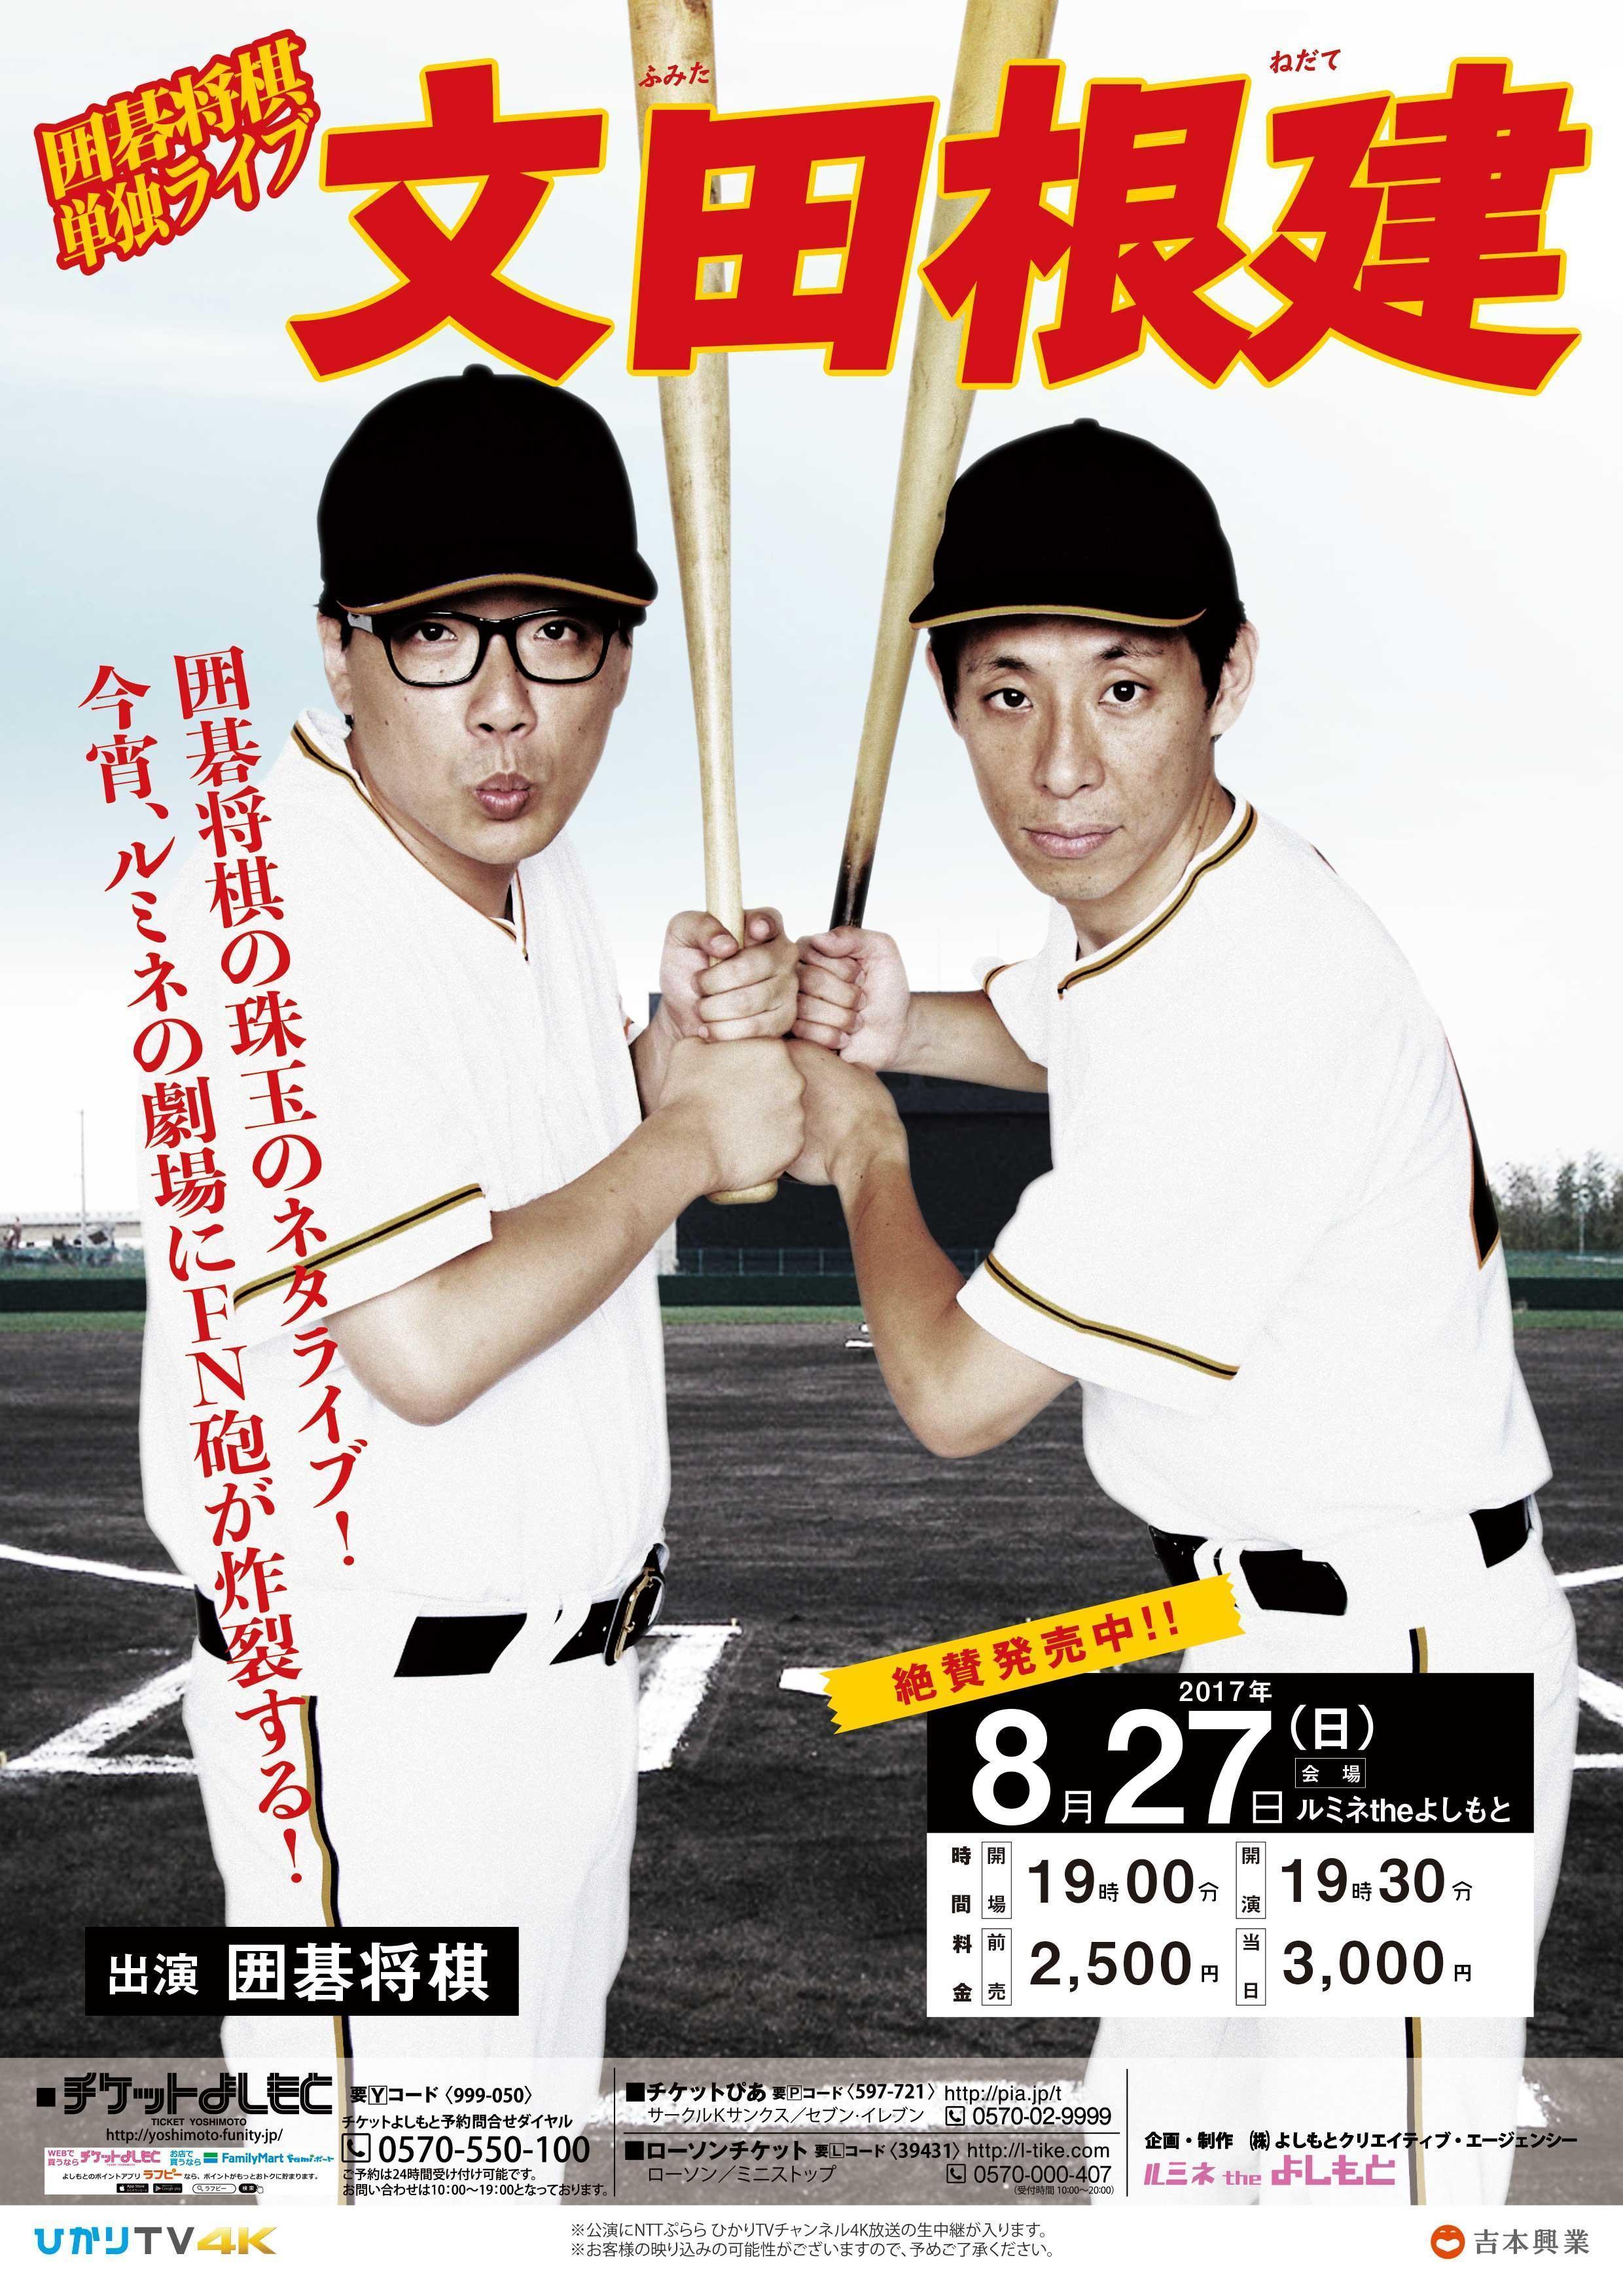 http://news.yoshimoto.co.jp/20170818194514-3b004de507f9f67caa3991845997e28fb783e6d6.jpg